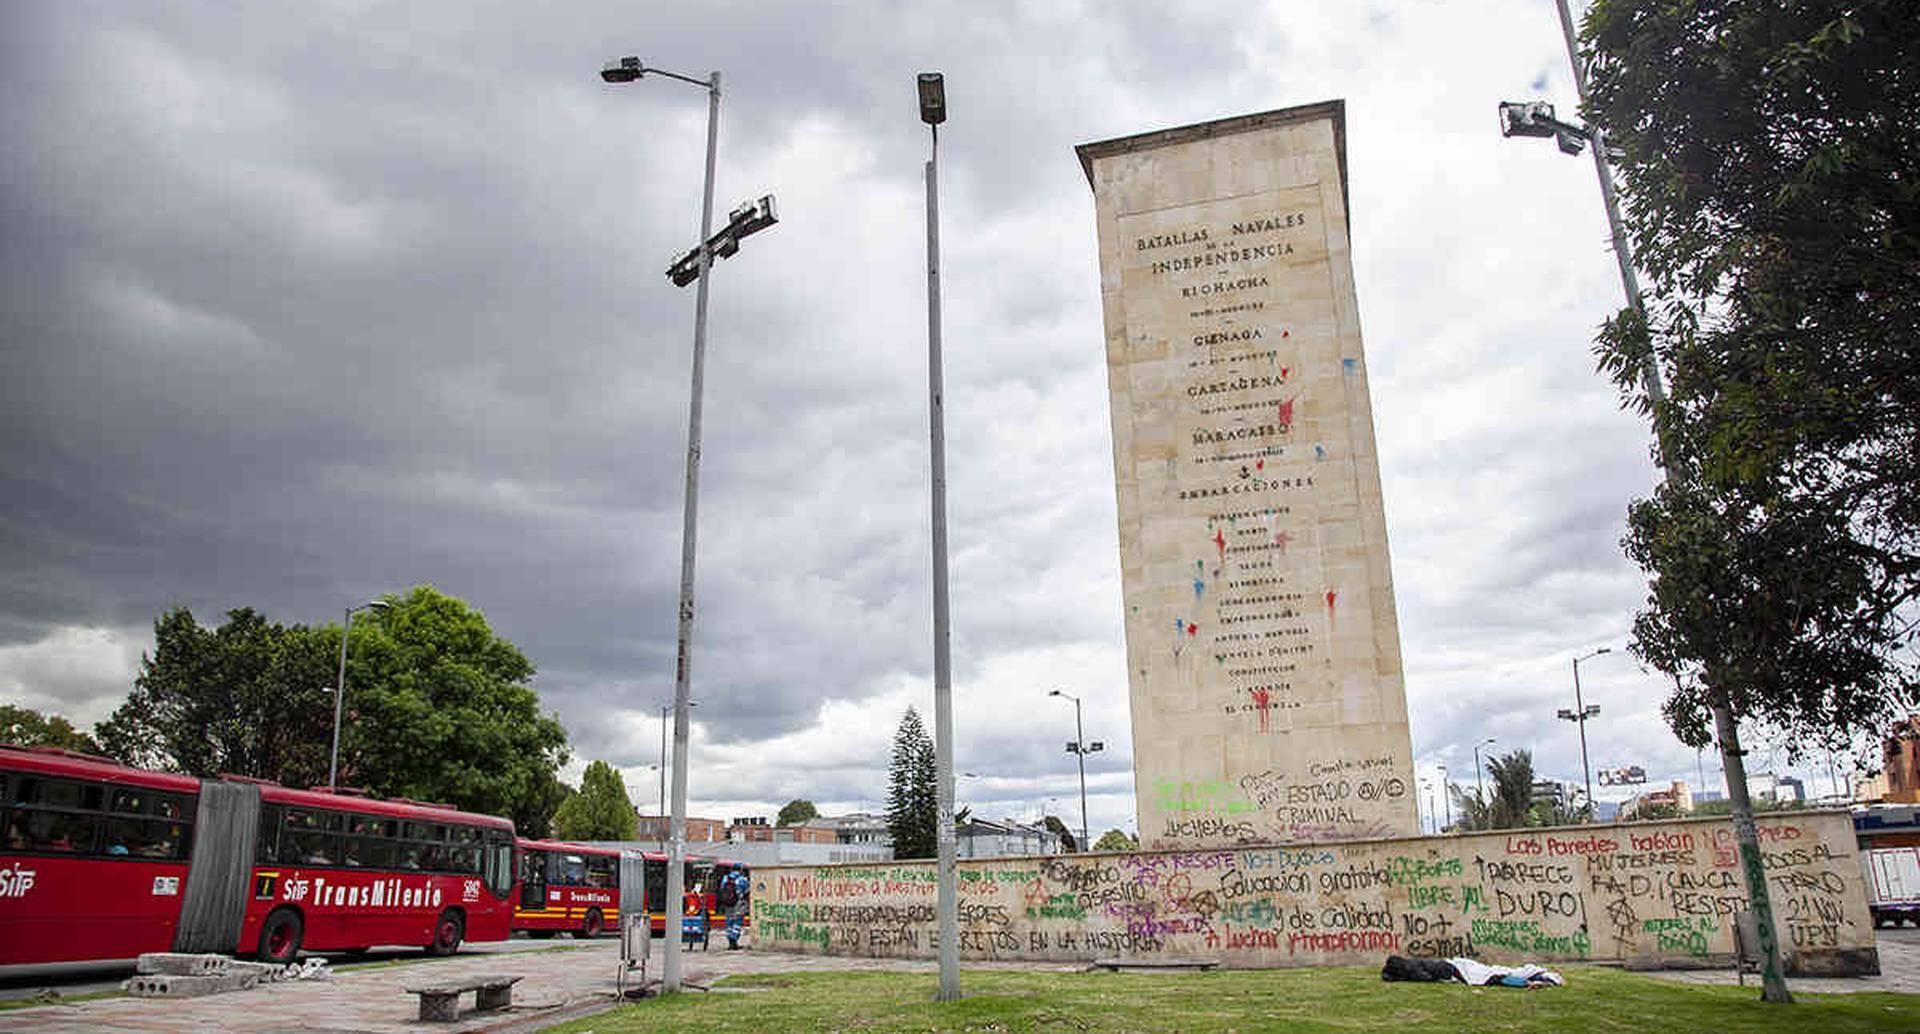 La movilización estudiantil del 31 de octubre se aglomeró en el monumento a Los Héroes. Foto: Bani Gabriel Ortega